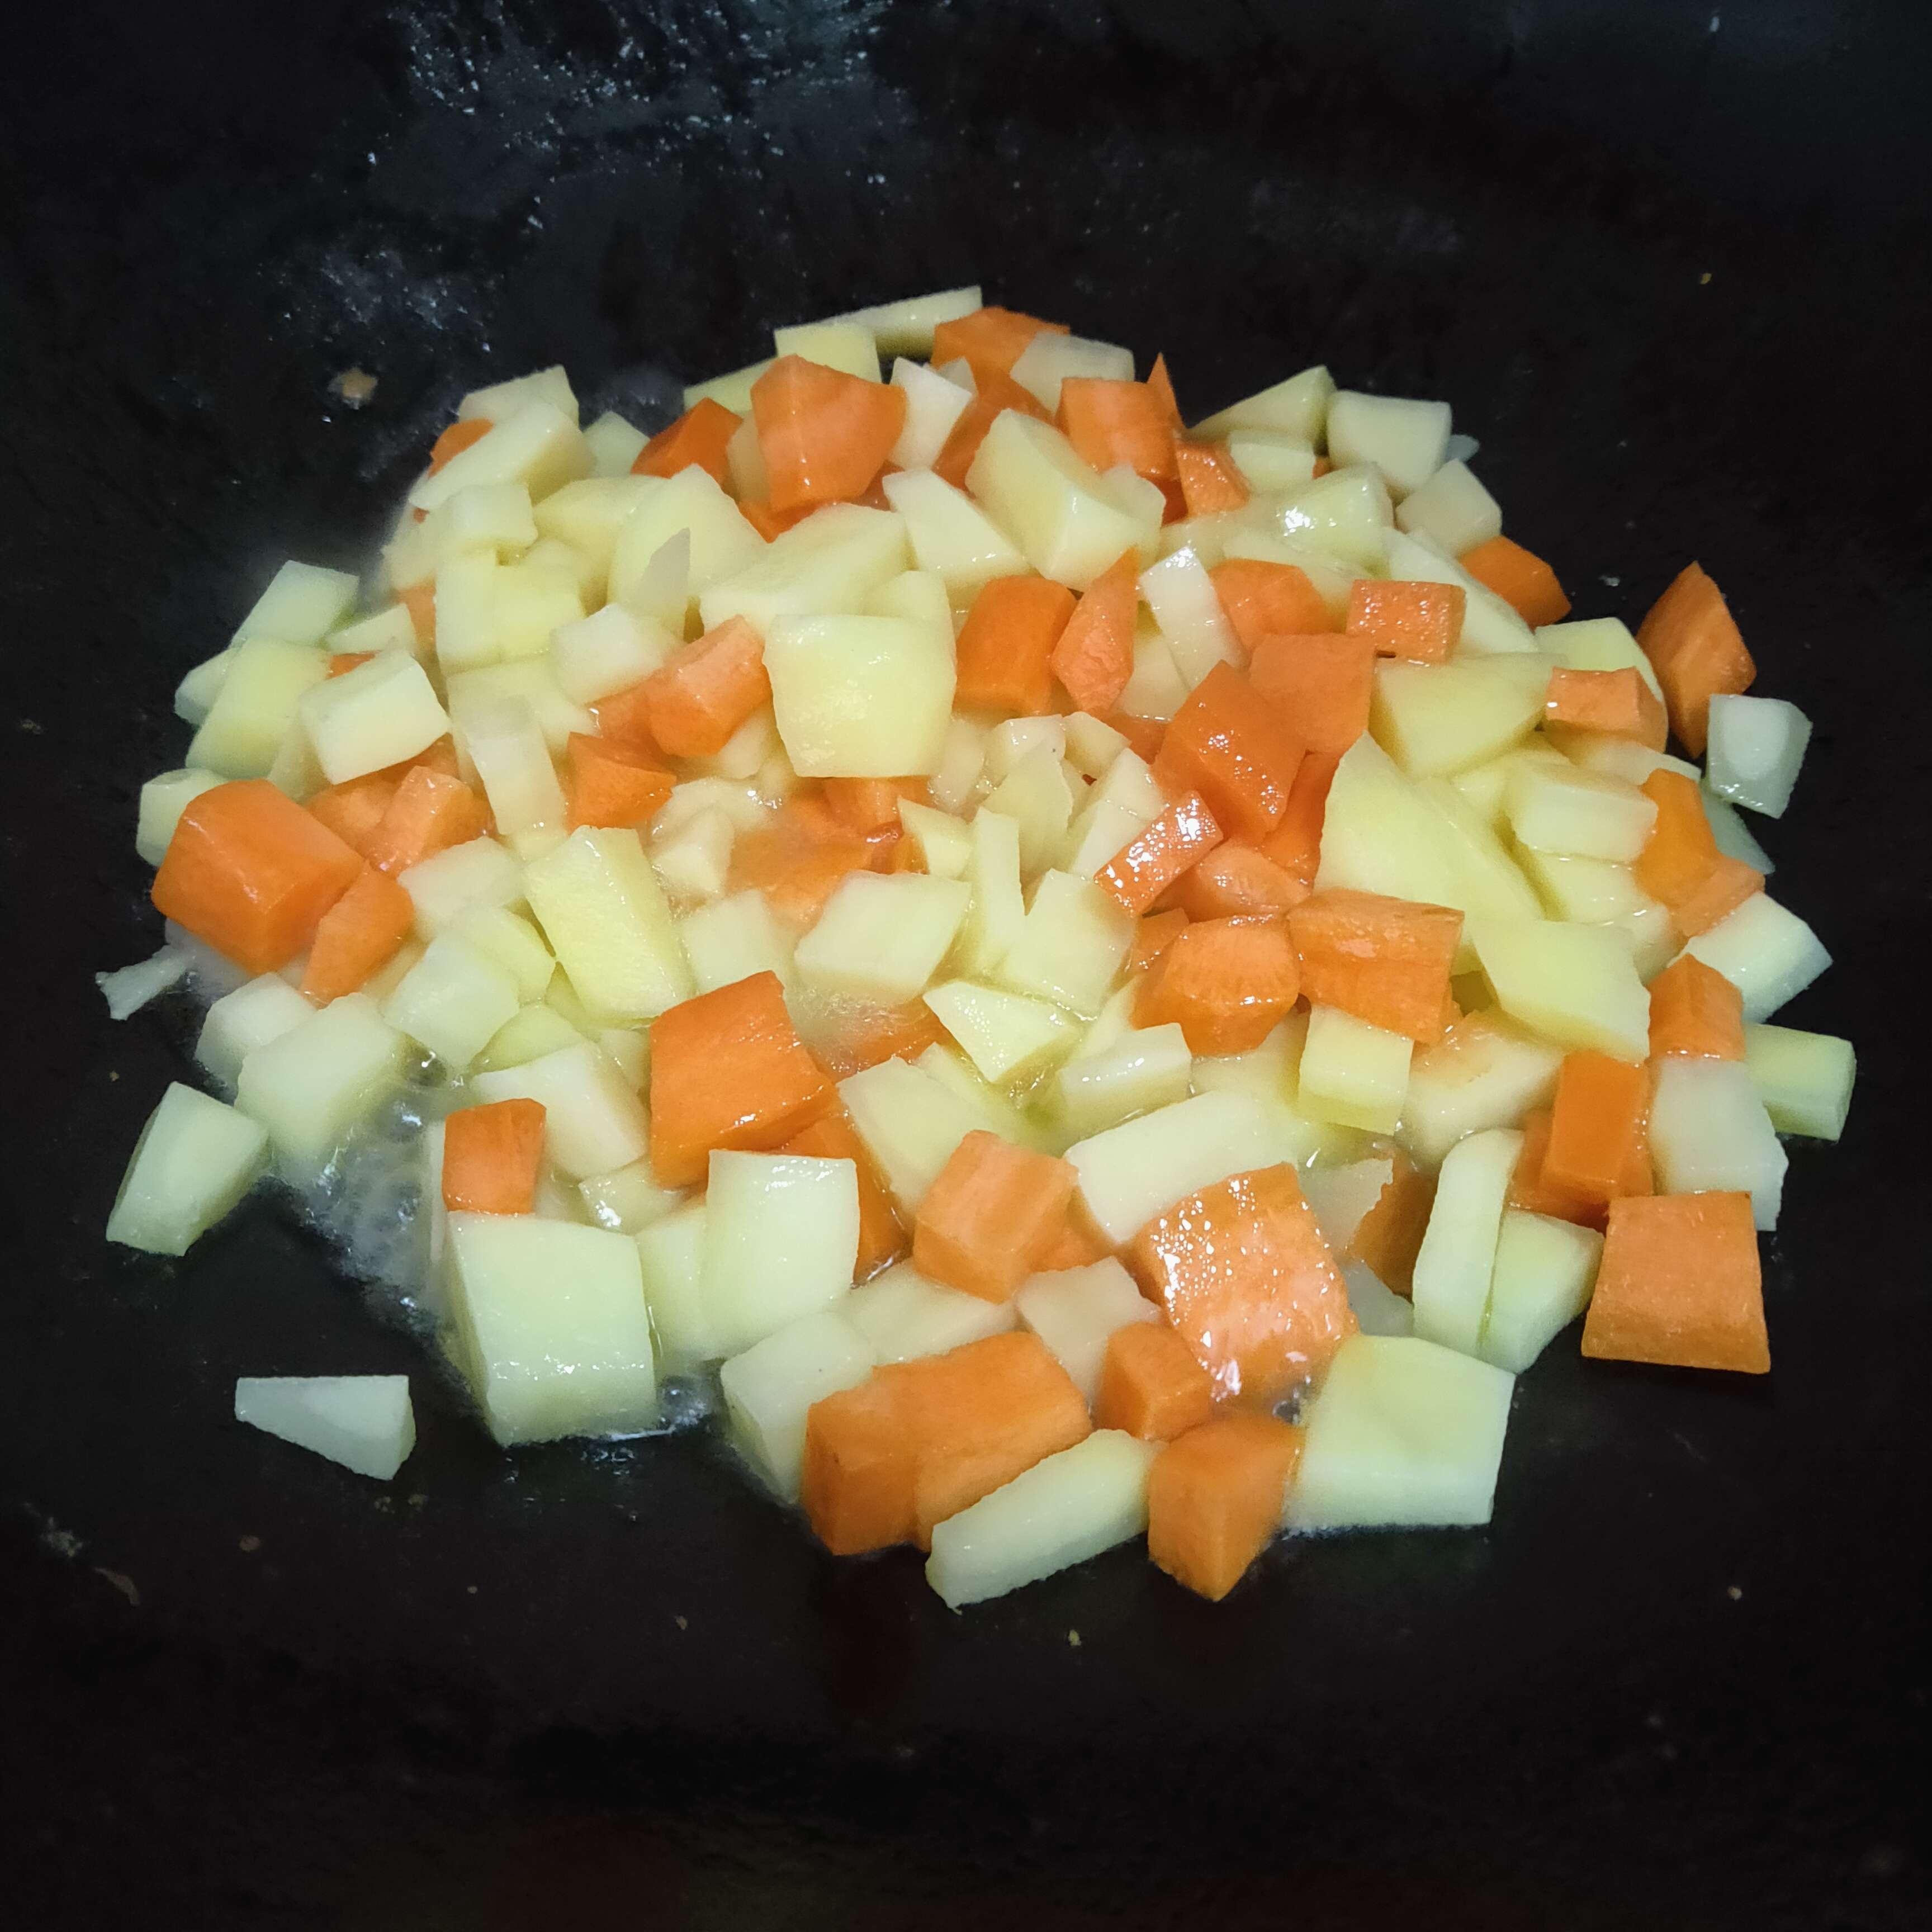 咖喱炖胡萝卜土豆的做法图解